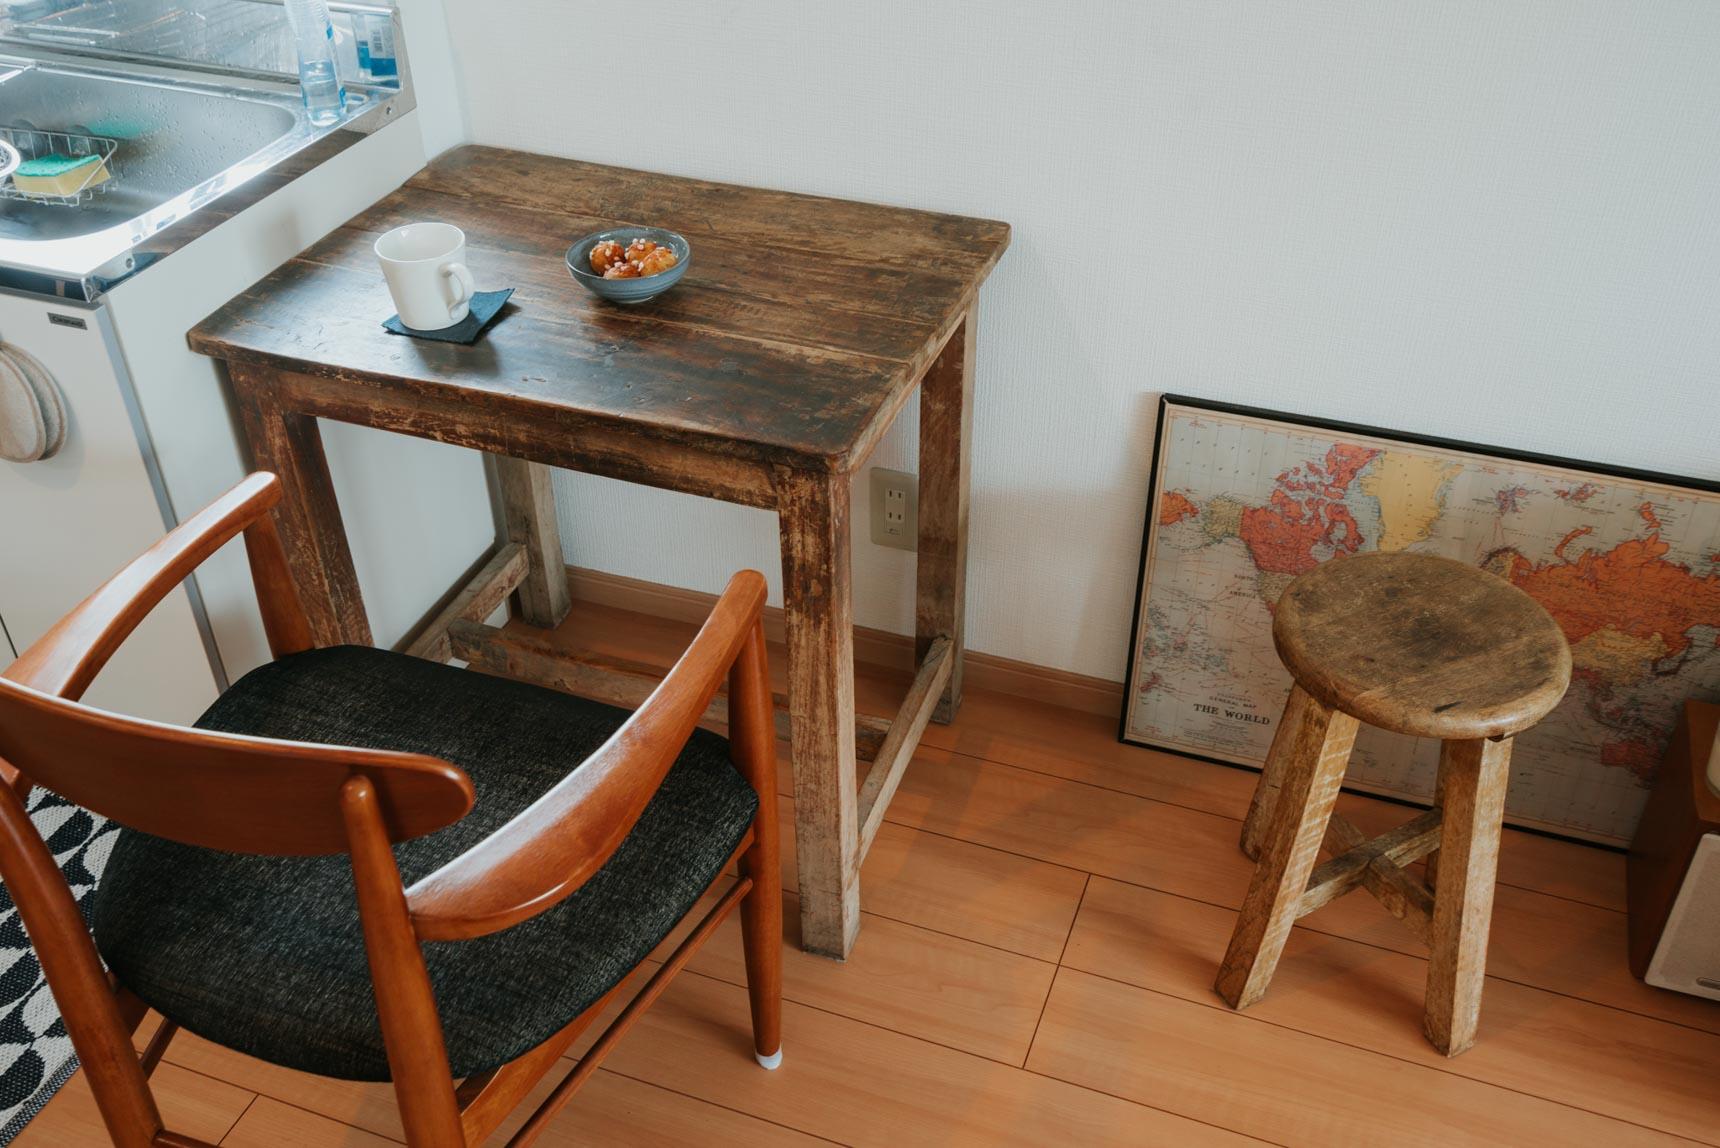 食卓にしているのはW%(http://www.whitepercent.com/)で購入したインドのテーブル。お客さんが来た時には位置をずらして、椅子を向かい合わせにします。こちらの椅子はAcme Furniture(http://acme.co.jp/)で購入。